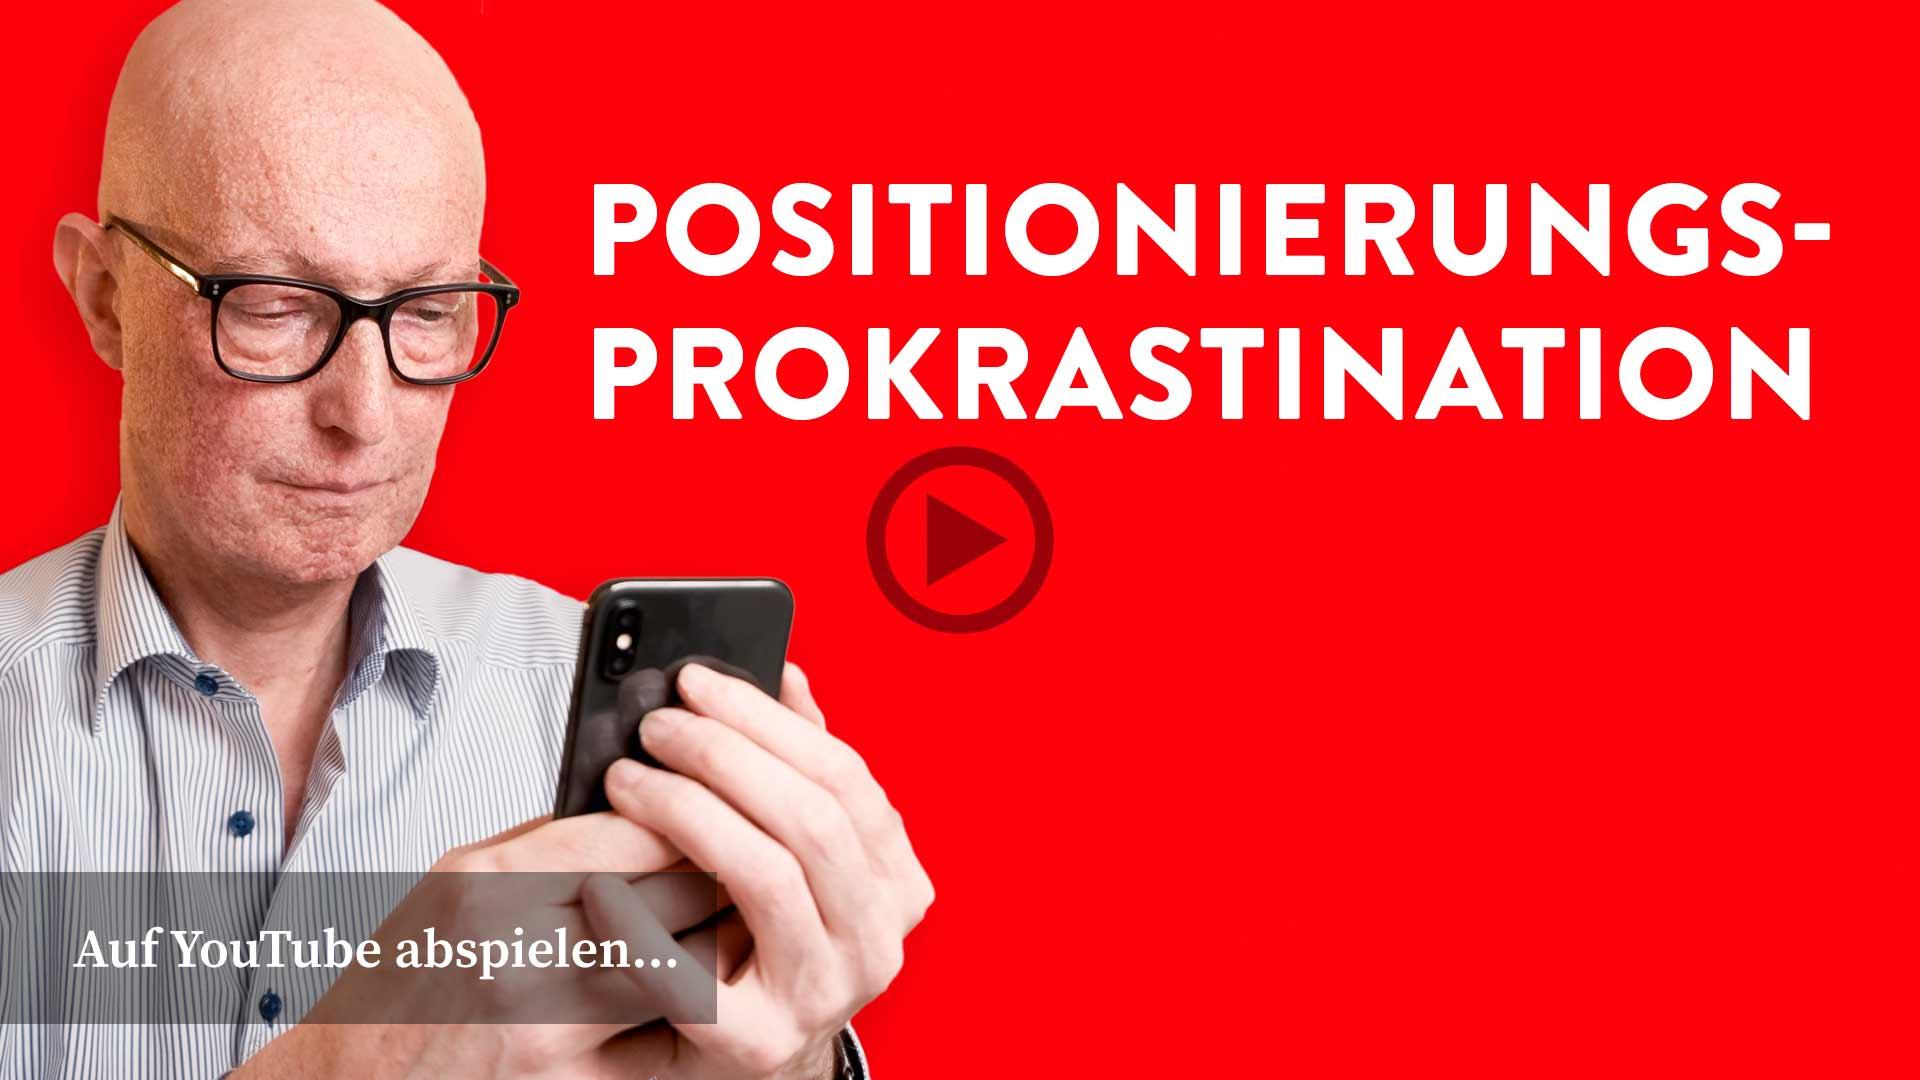 Prokrastinierst Du bei der Positionierung: Schau mein Video auf YouTube